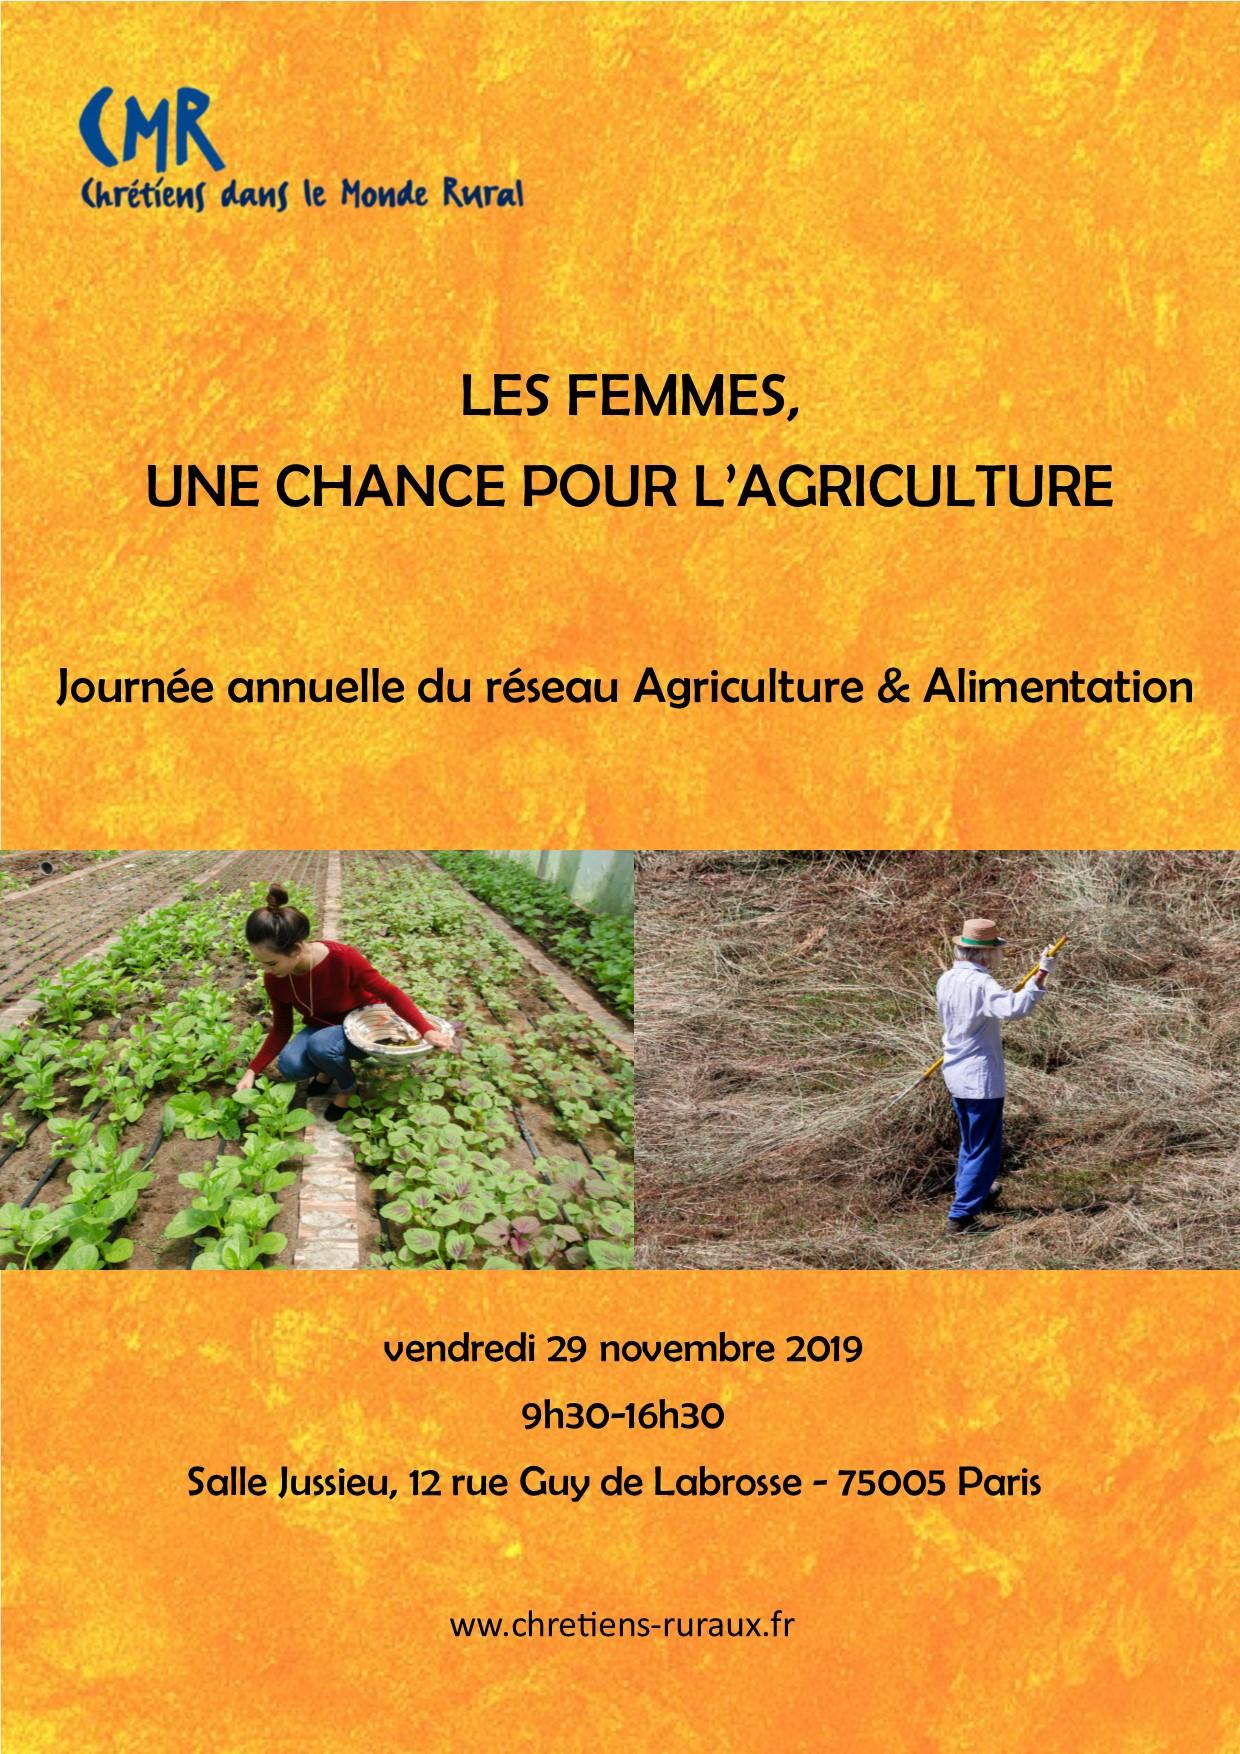 Les femmes, une chance pour l'agriculture